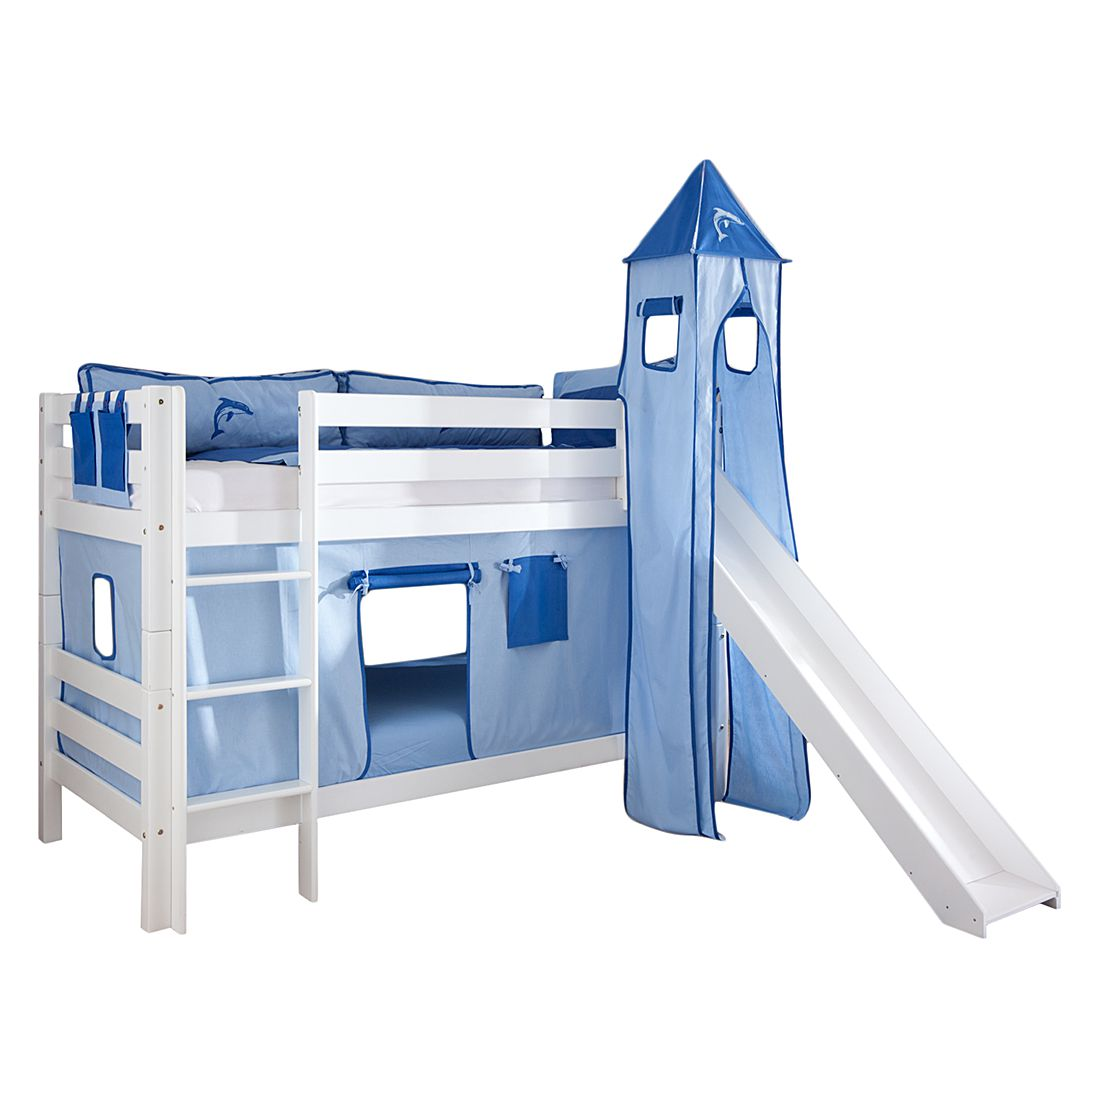 Spielbett Beni - mit Rutsche, Vorhang, Turm und Tasche - Buche massiv weiß lackiert/Textil blau-delfin, Relita